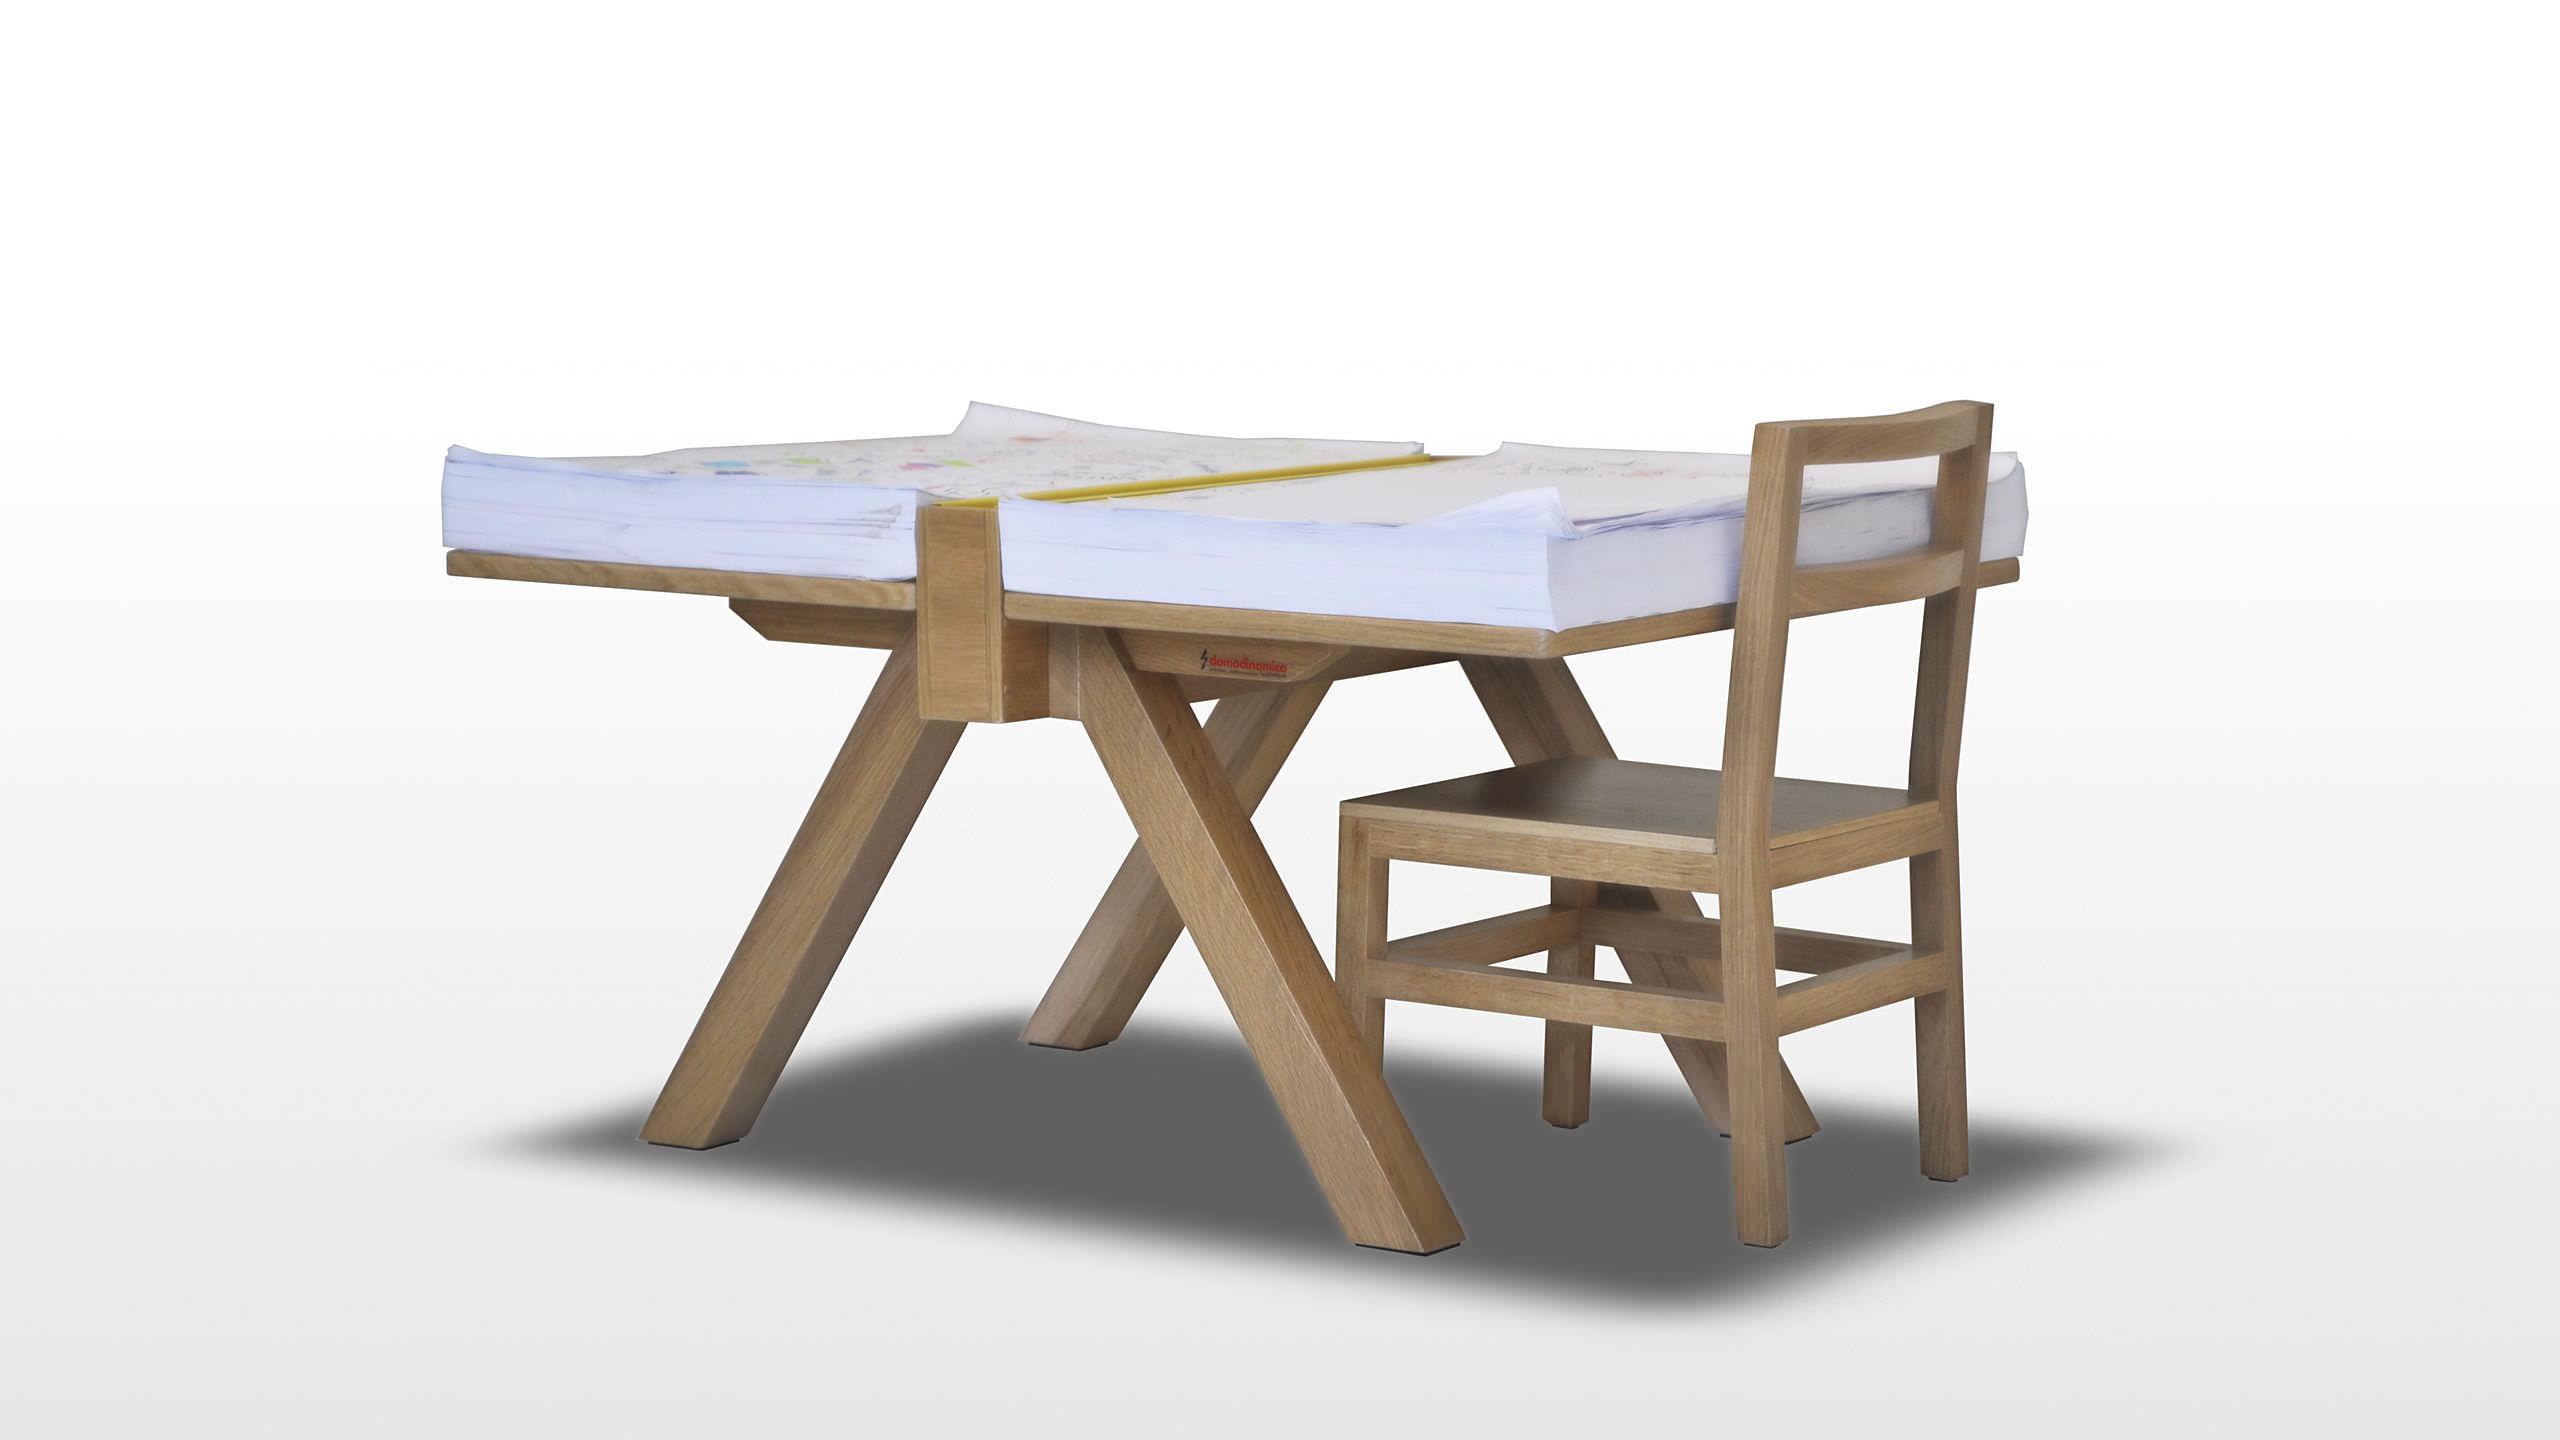 Tavolo Da Disegno Prezzi : Tavolo da disegno moderno in legno massiccio rettangolare